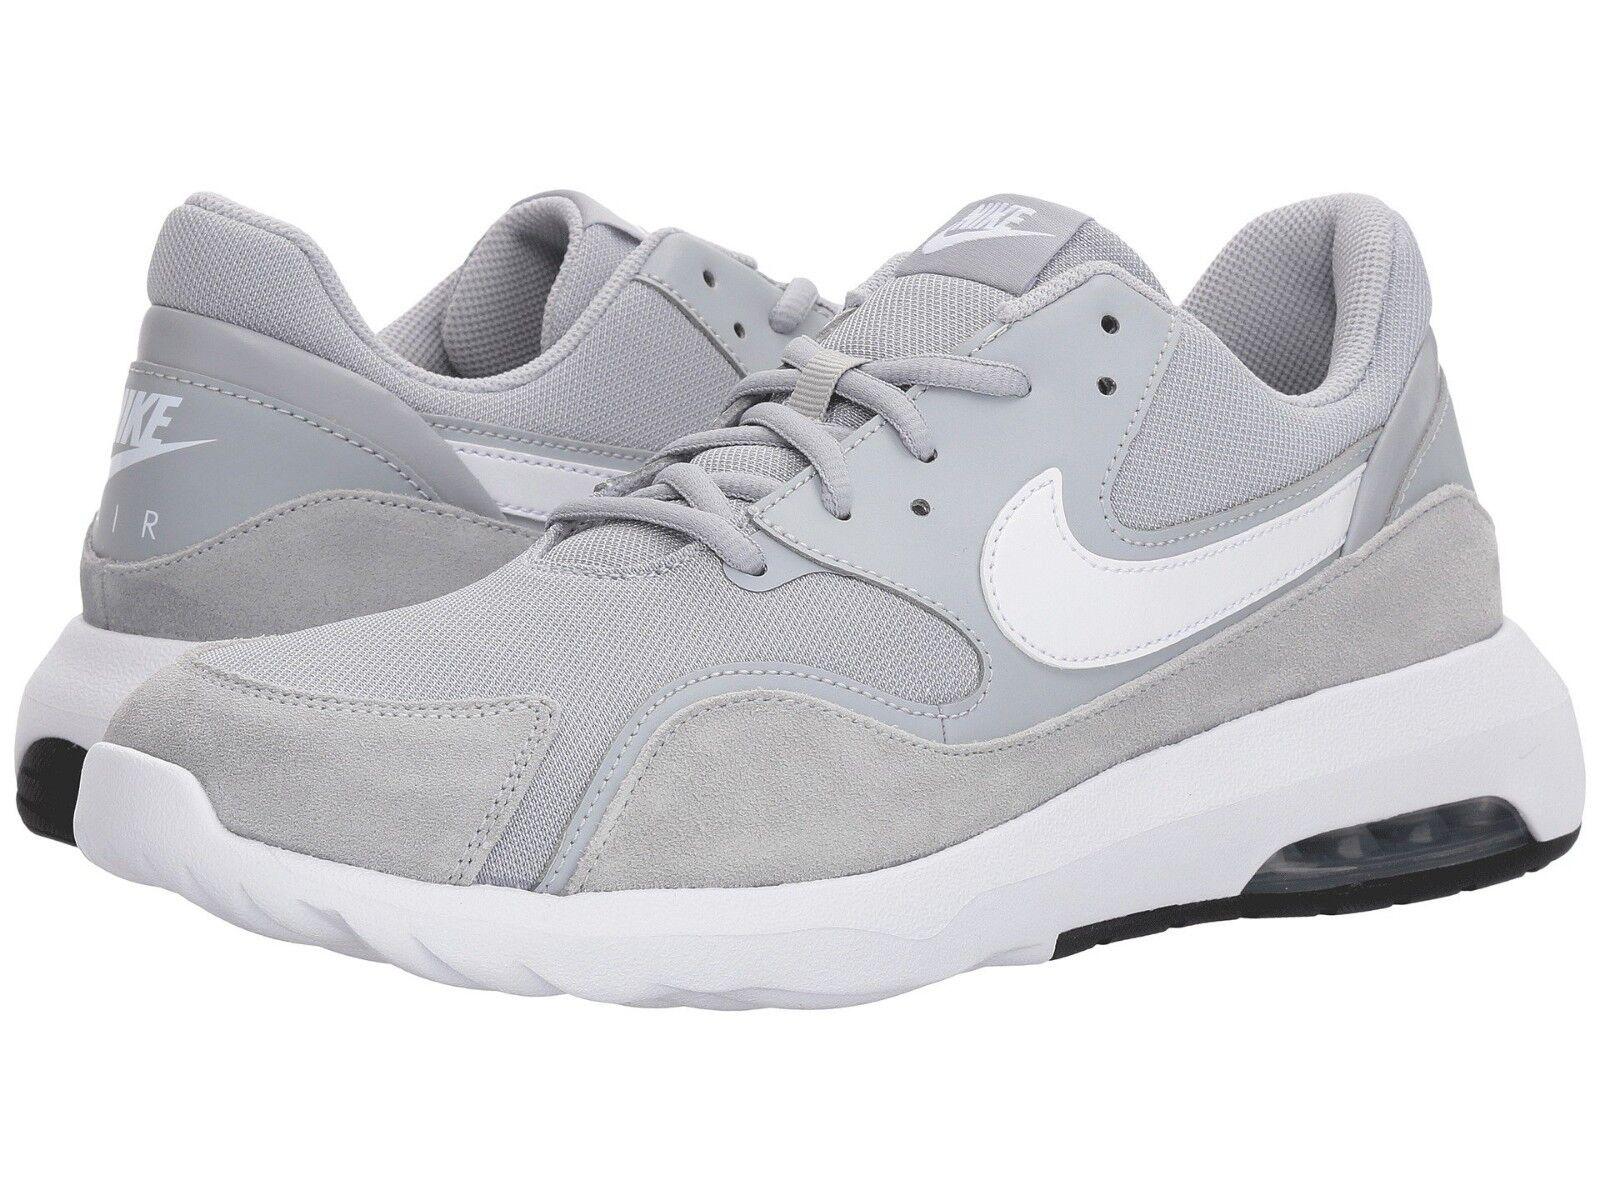 Nike Air Max confortable nostálgico Hombre'.Lobo gris.Cómodo confortable Max y atractivo ead786